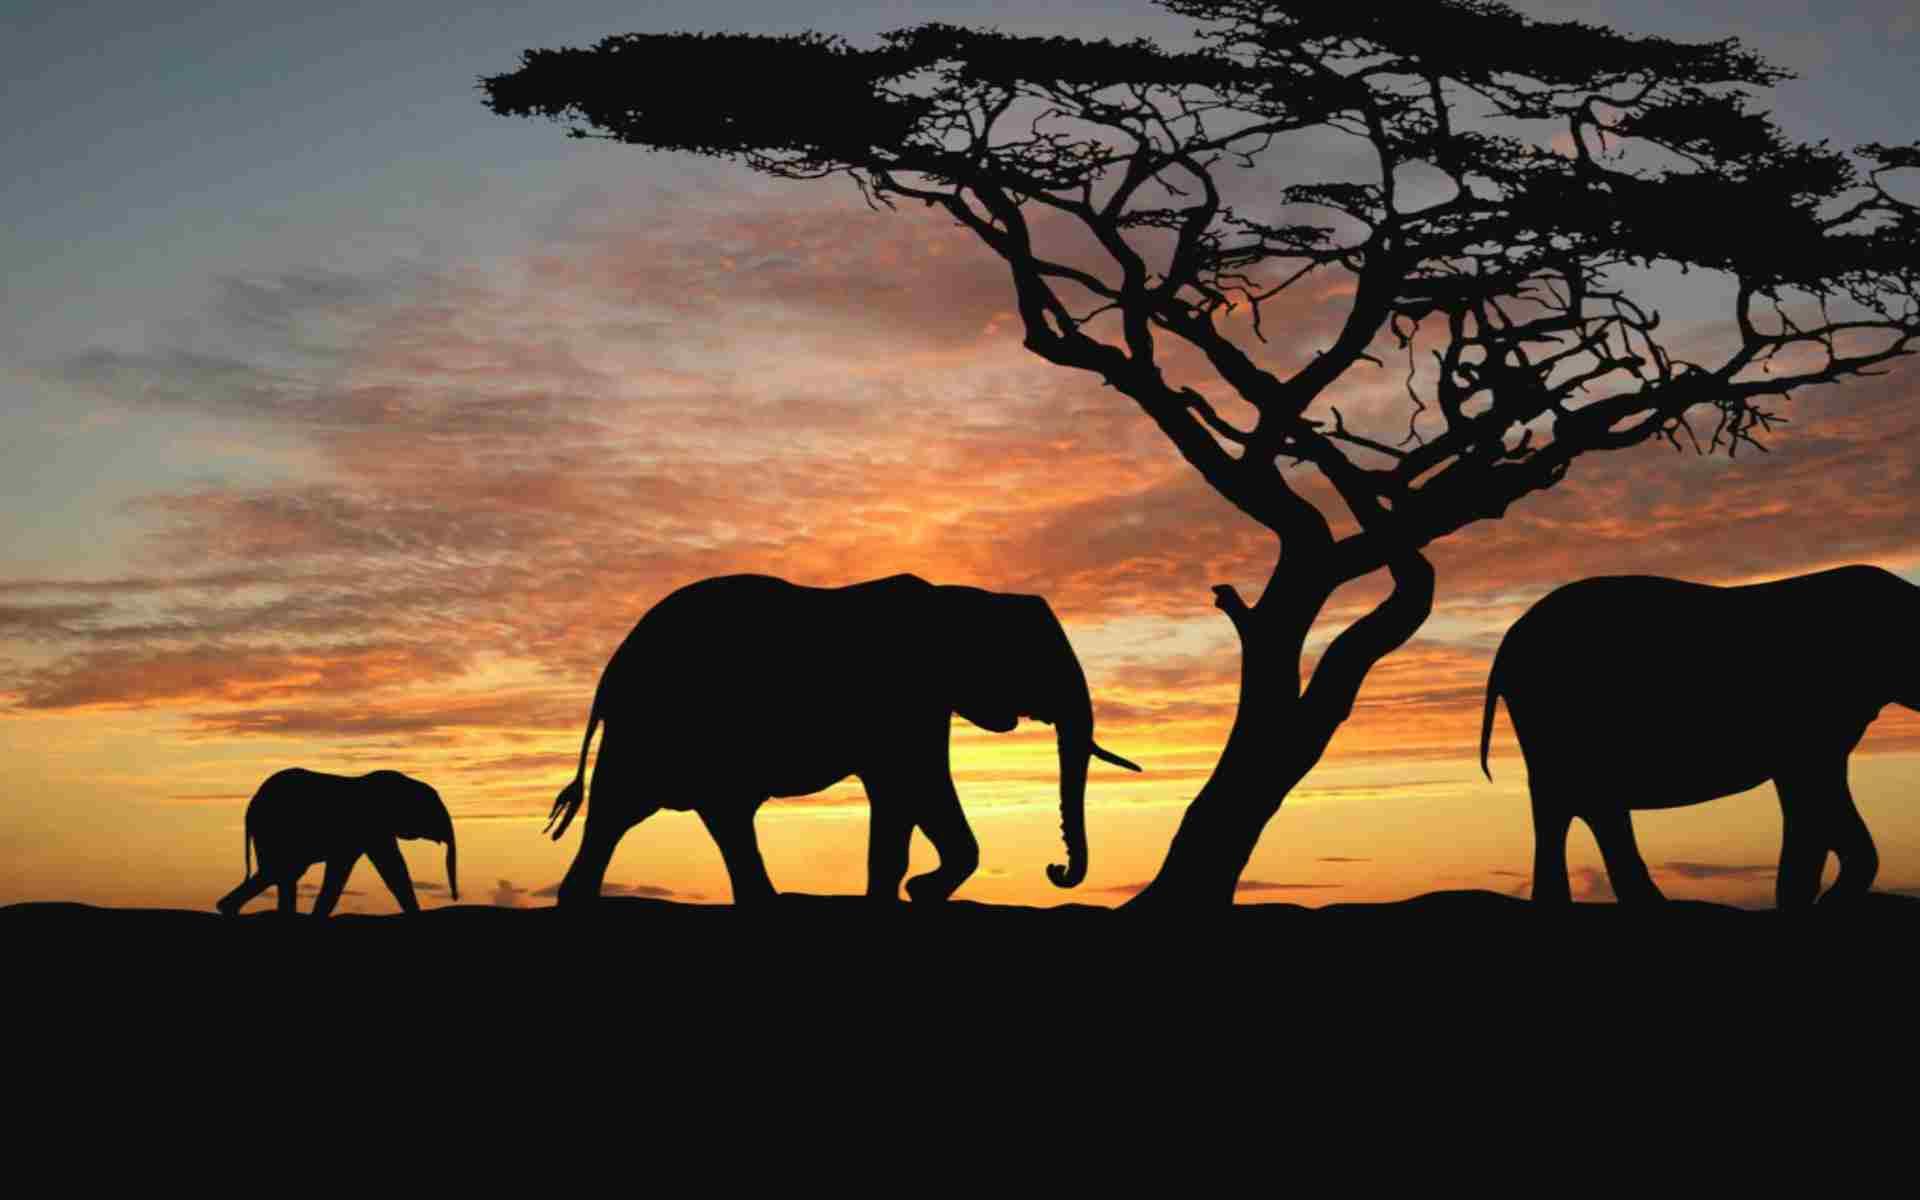 Safari en Afrique : j'ai réservé grâce à ce voyagiste génial